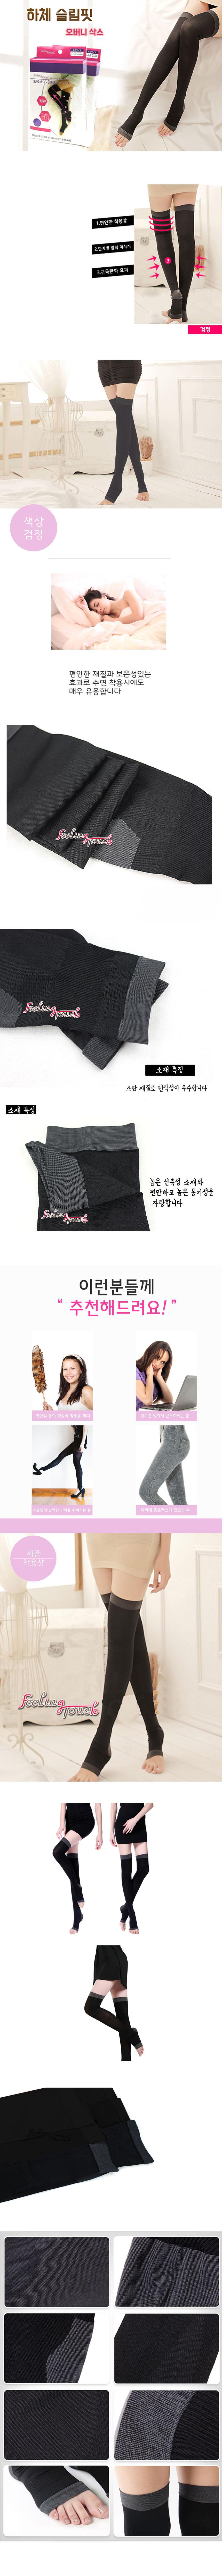 슬림핏 다이어트서포트 압박스타킹 - 겔럭시인, 15,500원, 운동기구/소품, 운동소품